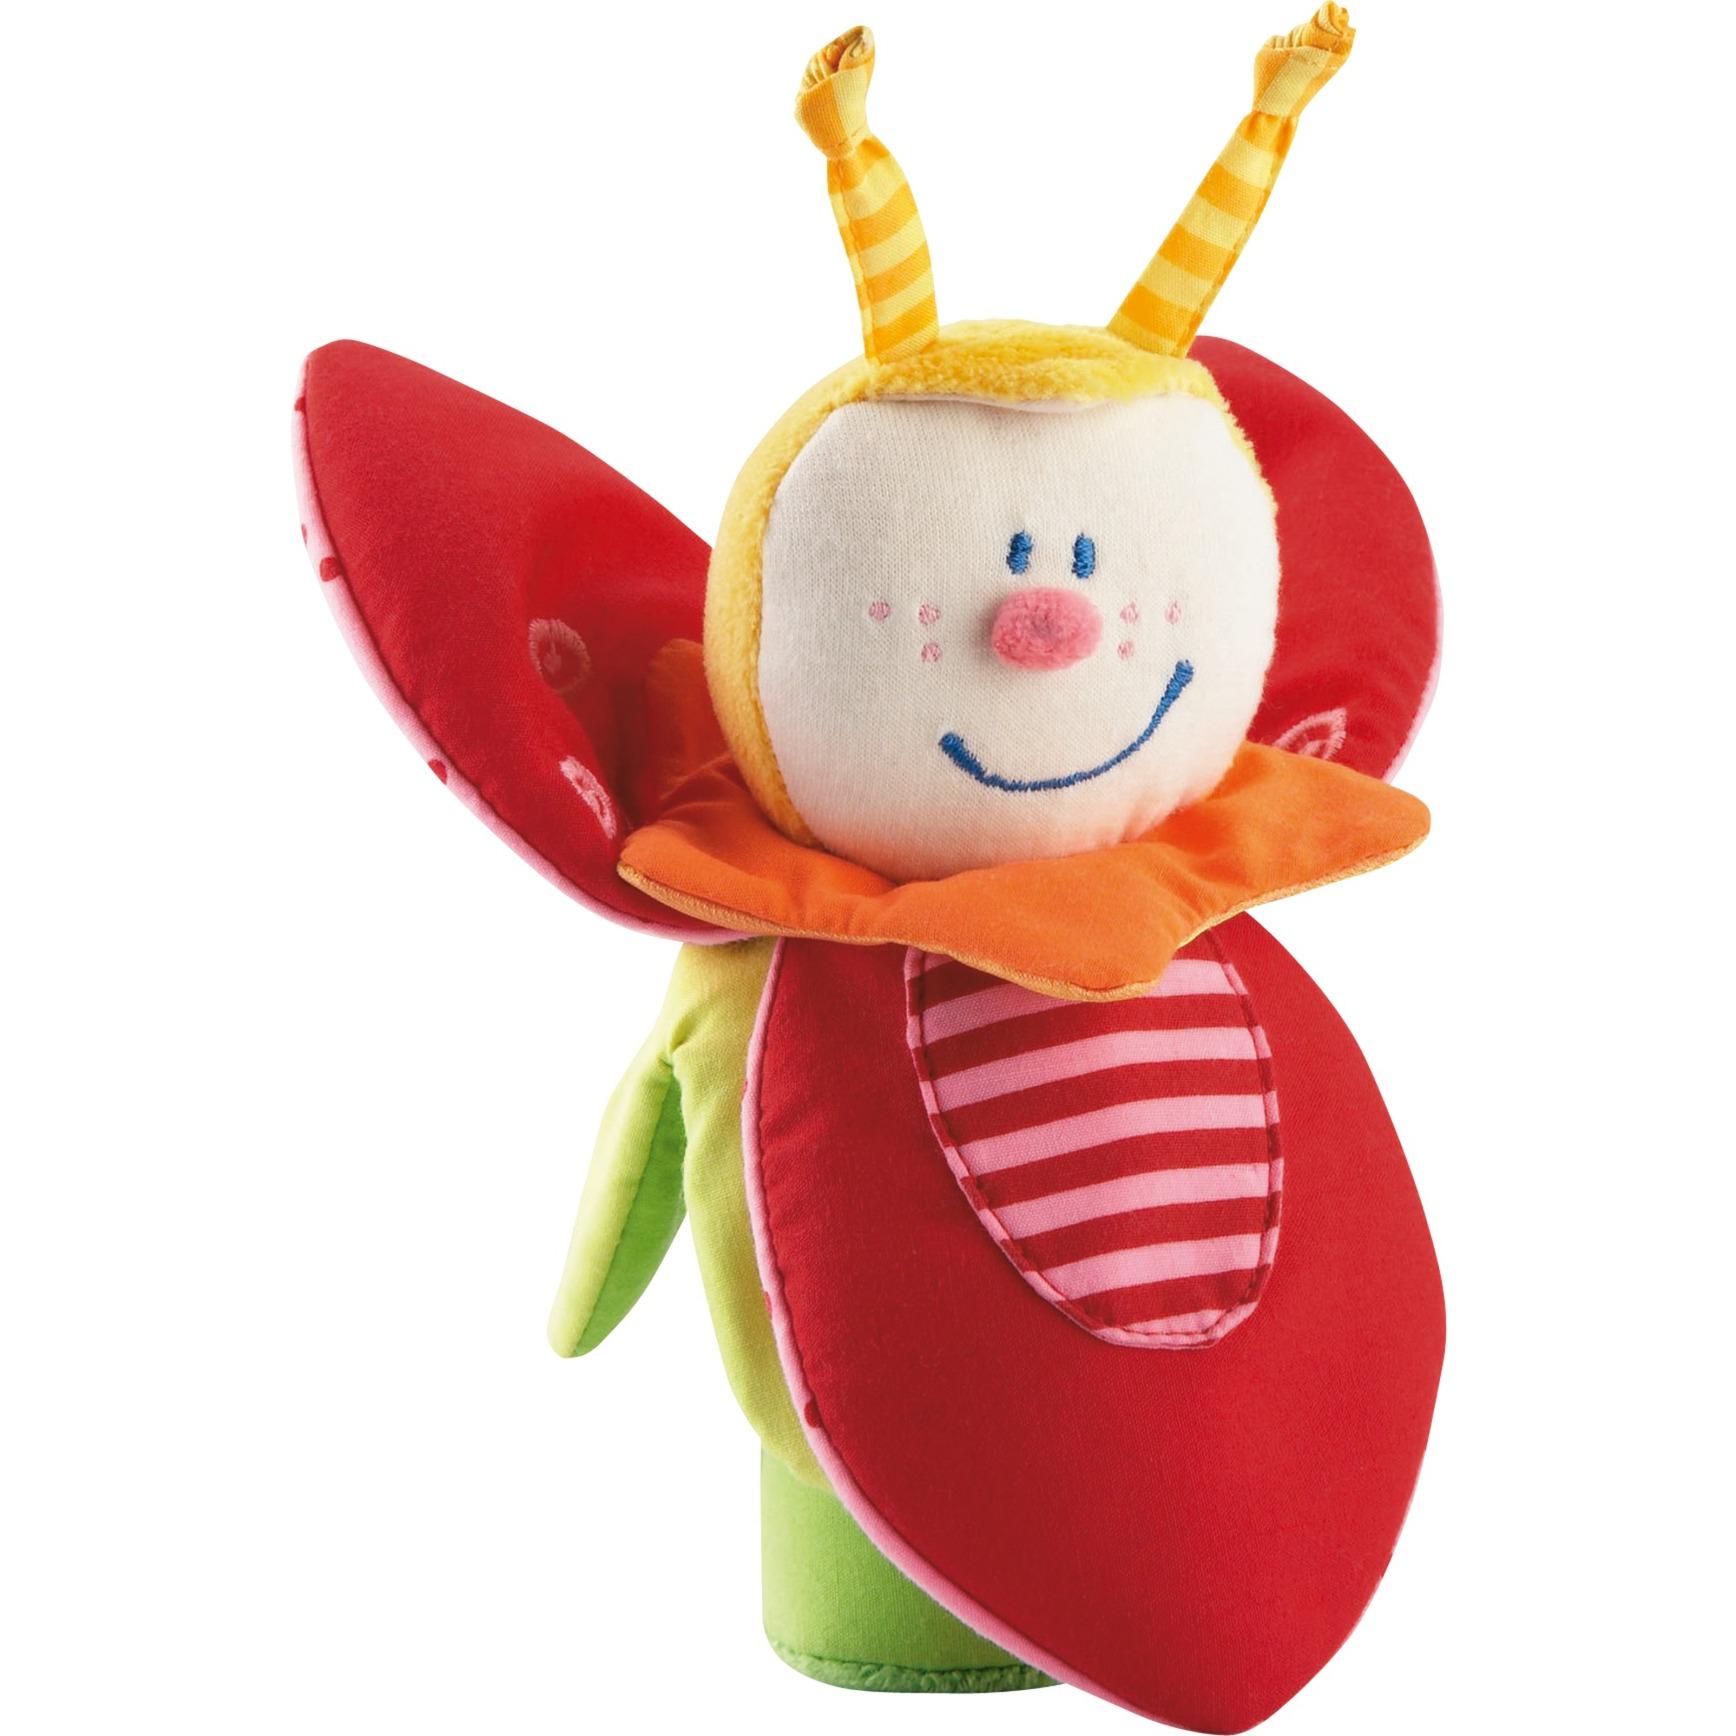 003727 Escarabajo de juguete Poliéster Verde, Rosa, Rojo juguete de peluche, Juego de destreza